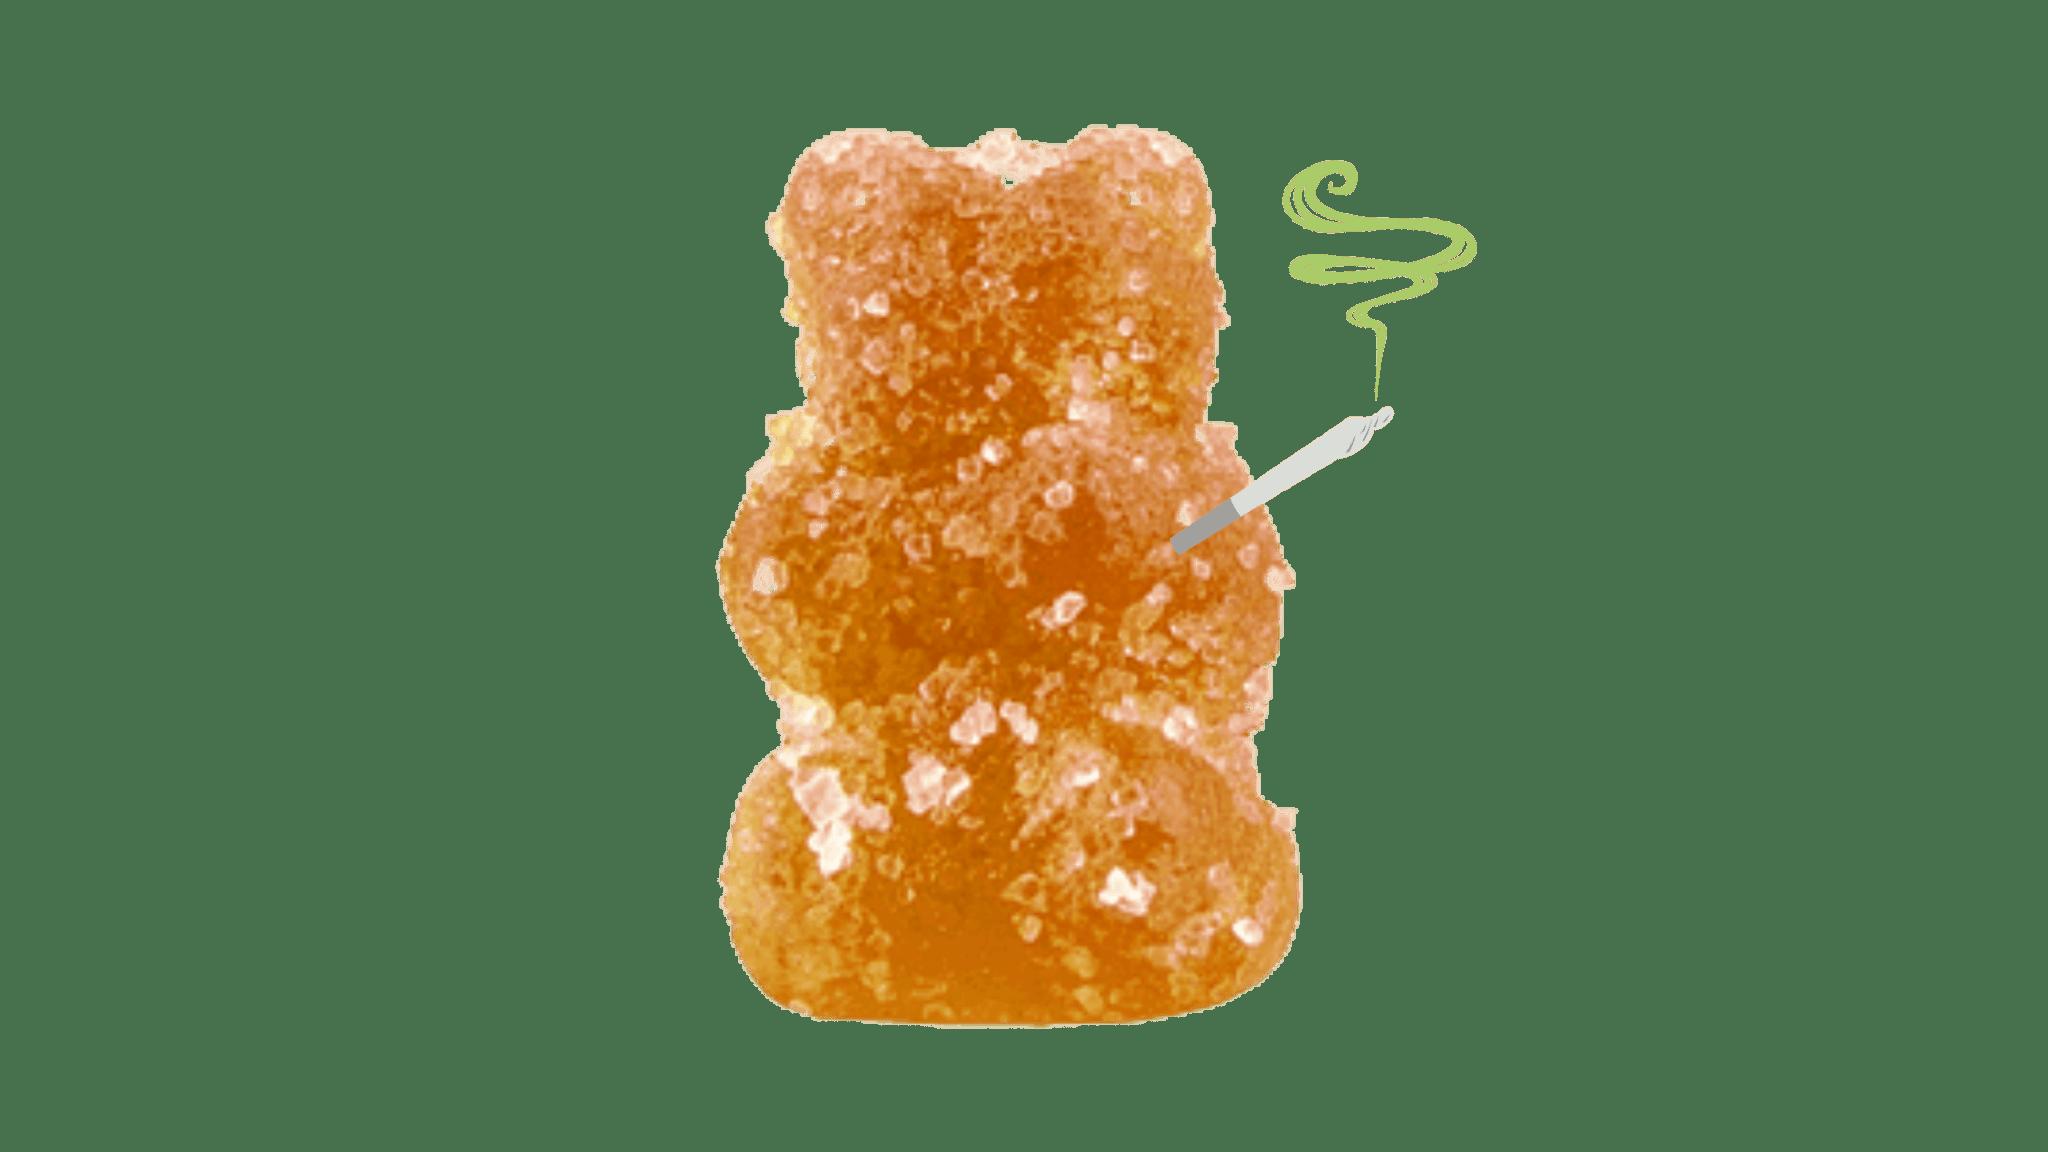 orange-gummy-bear-smoking